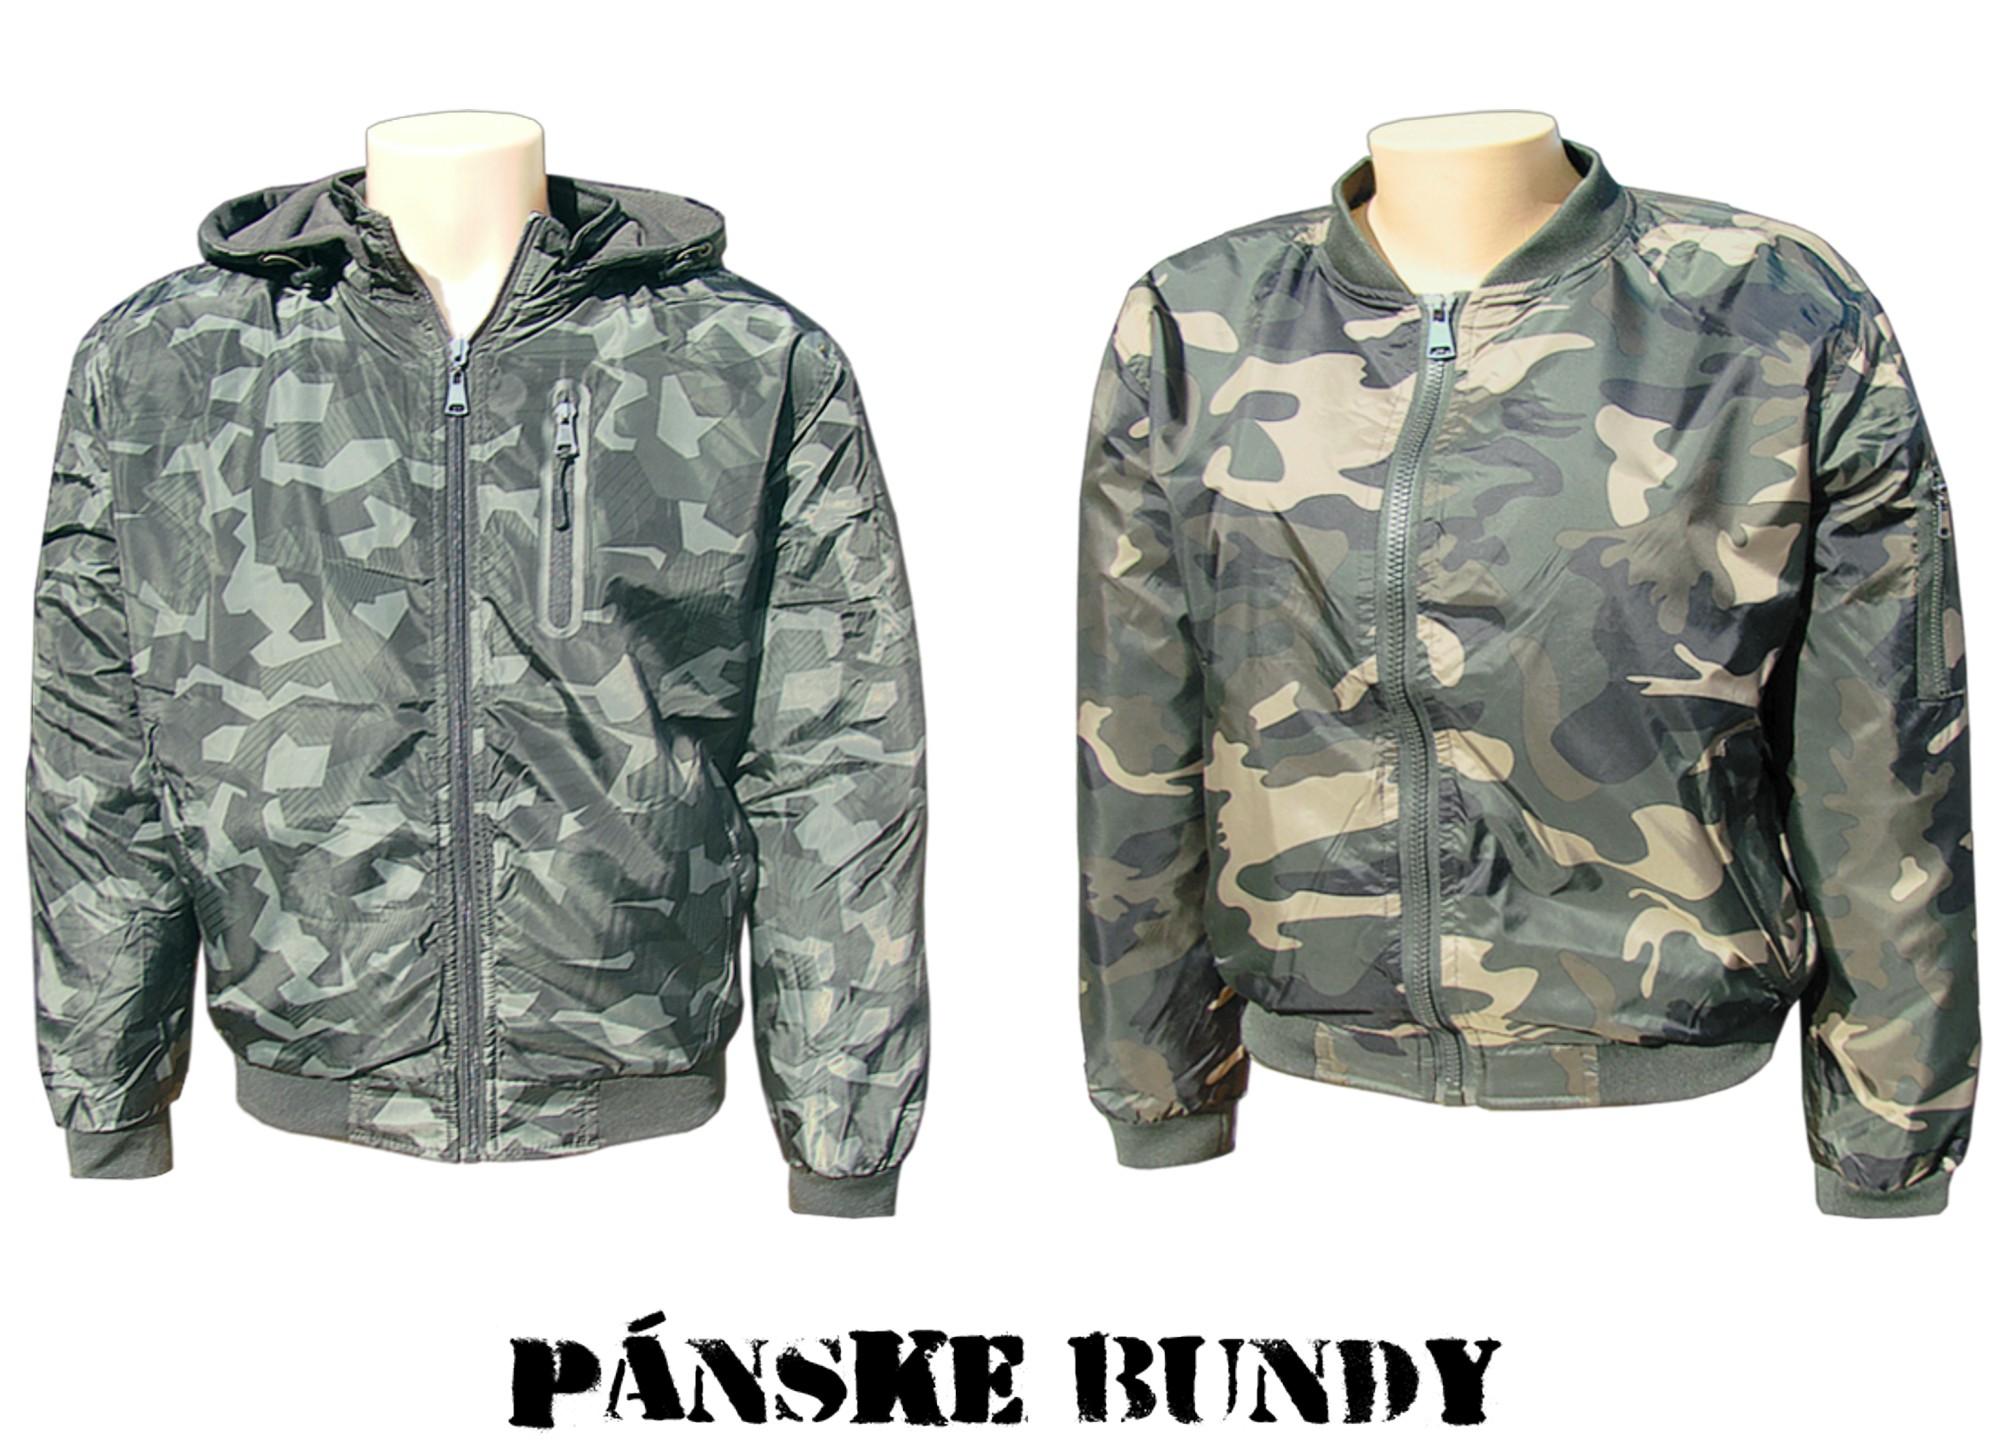 ... Pánske bundy akcia - online armyshop a veľkoobchod 0727292f68a